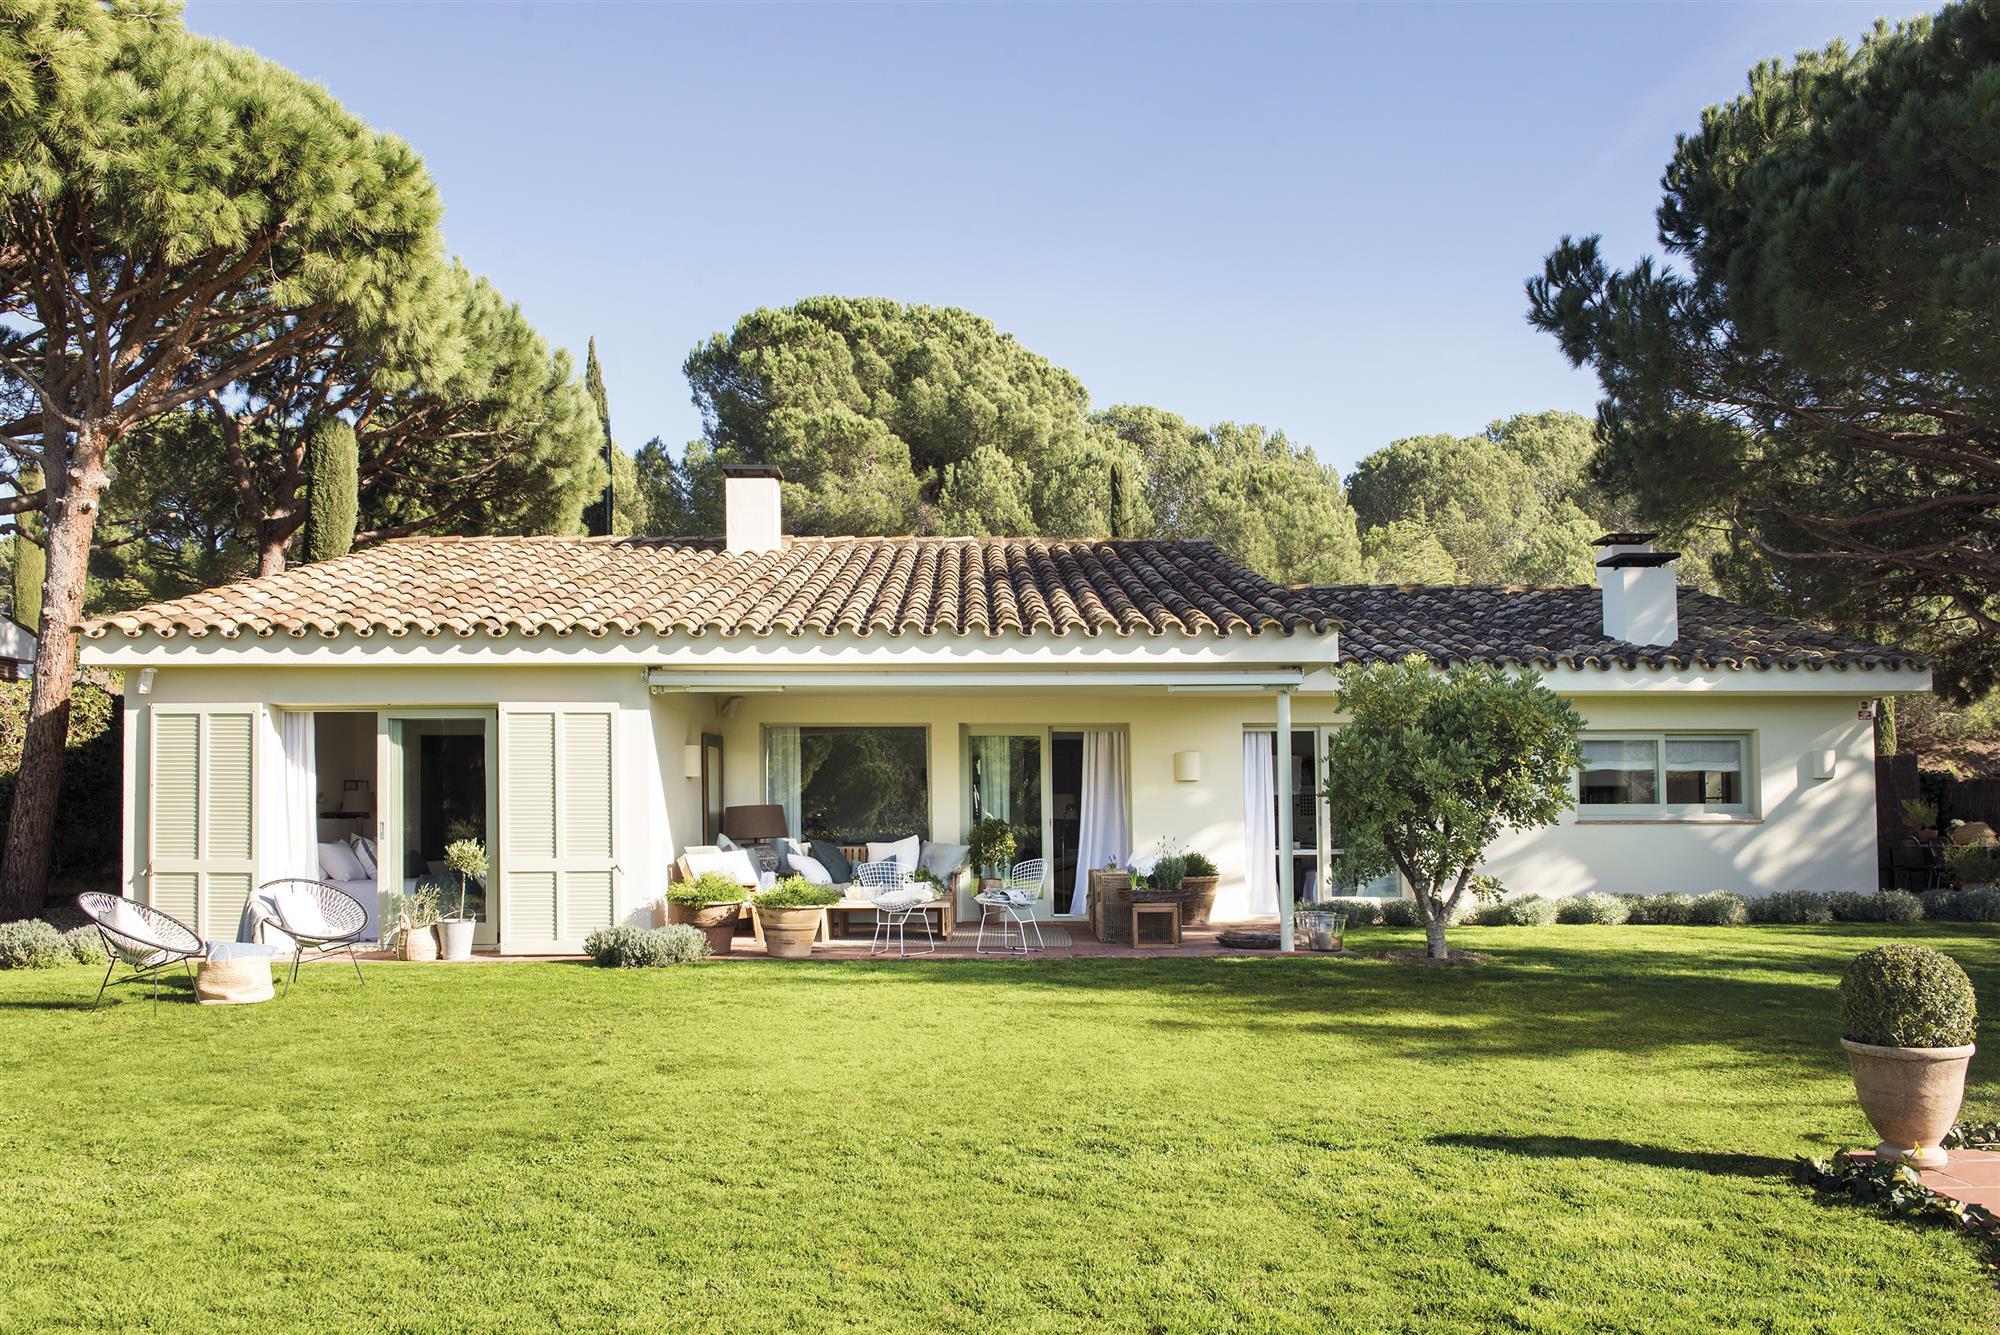 La casa de la decoradora elena jim nez un casa blanca y - Casas y jardines ...